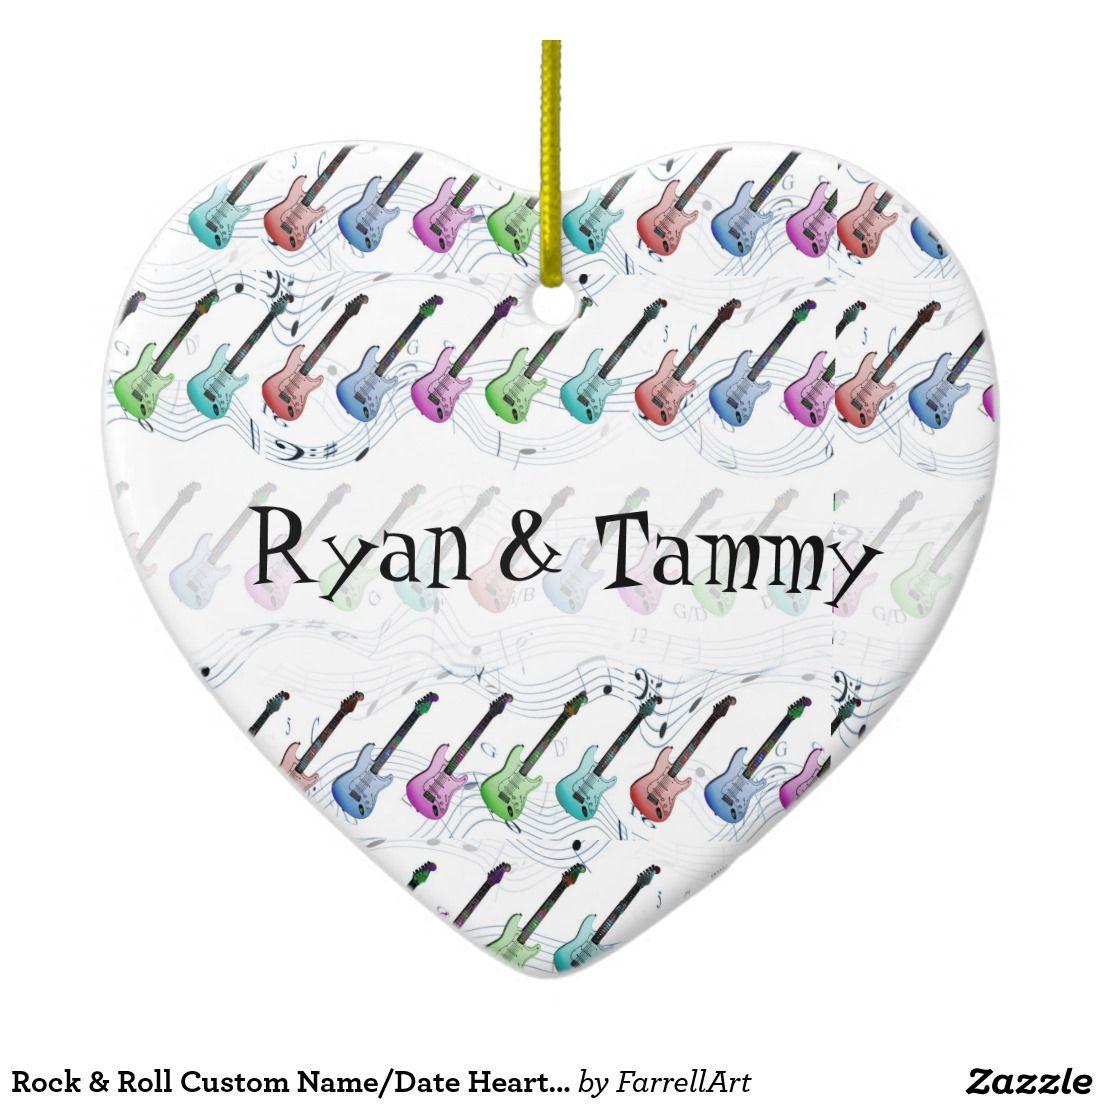 Custom name ornaments - Rock Roll Custom Name Date Heart Ornament